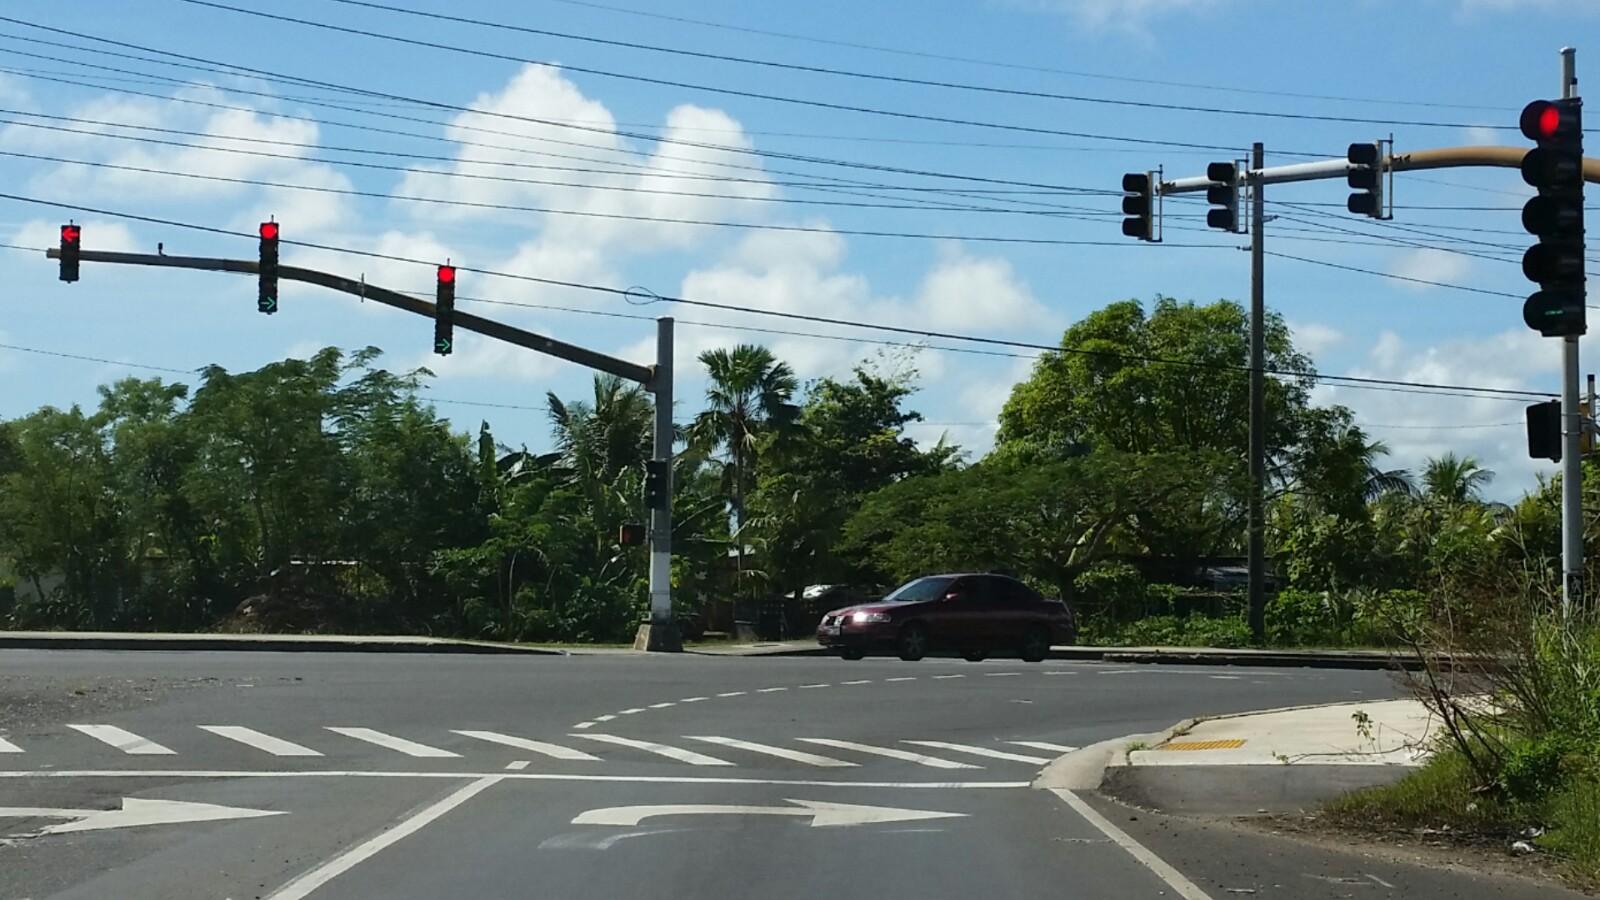 アメリカグアム左右矢印信号